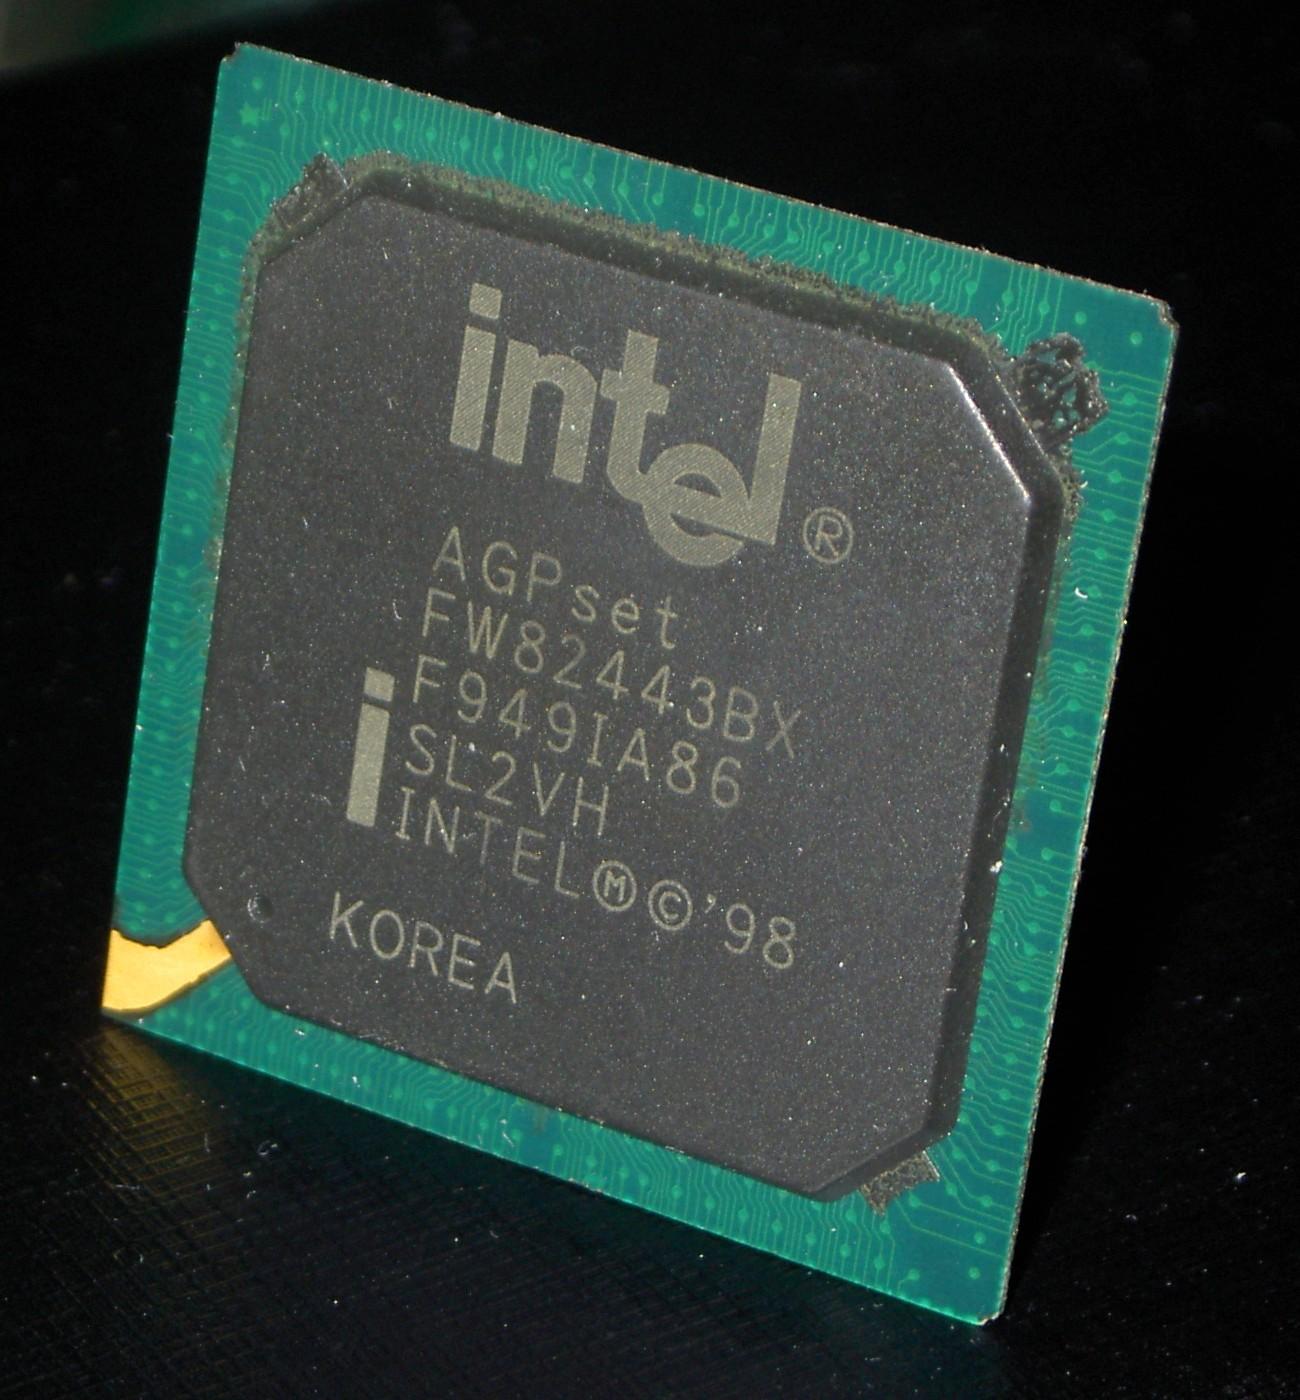 Intel 82443bx